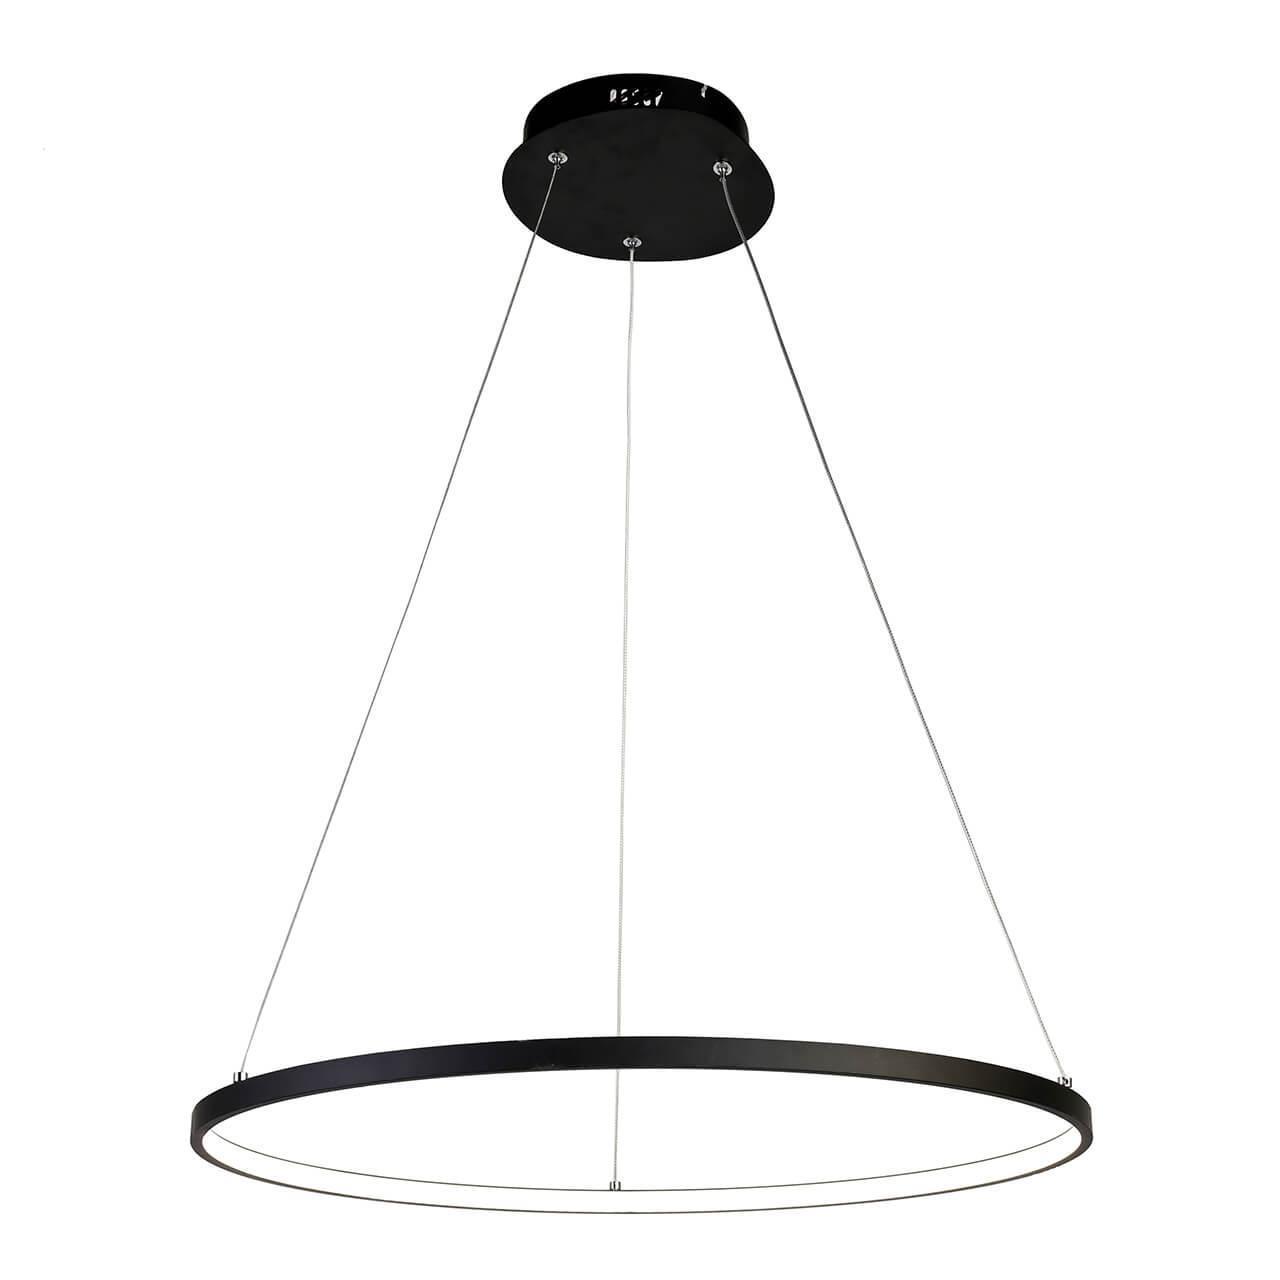 Подвесной светильник Favourite 1764-6P, LED, 48 Вт подвесной светодиодный светильник favourite giro 1765 18p